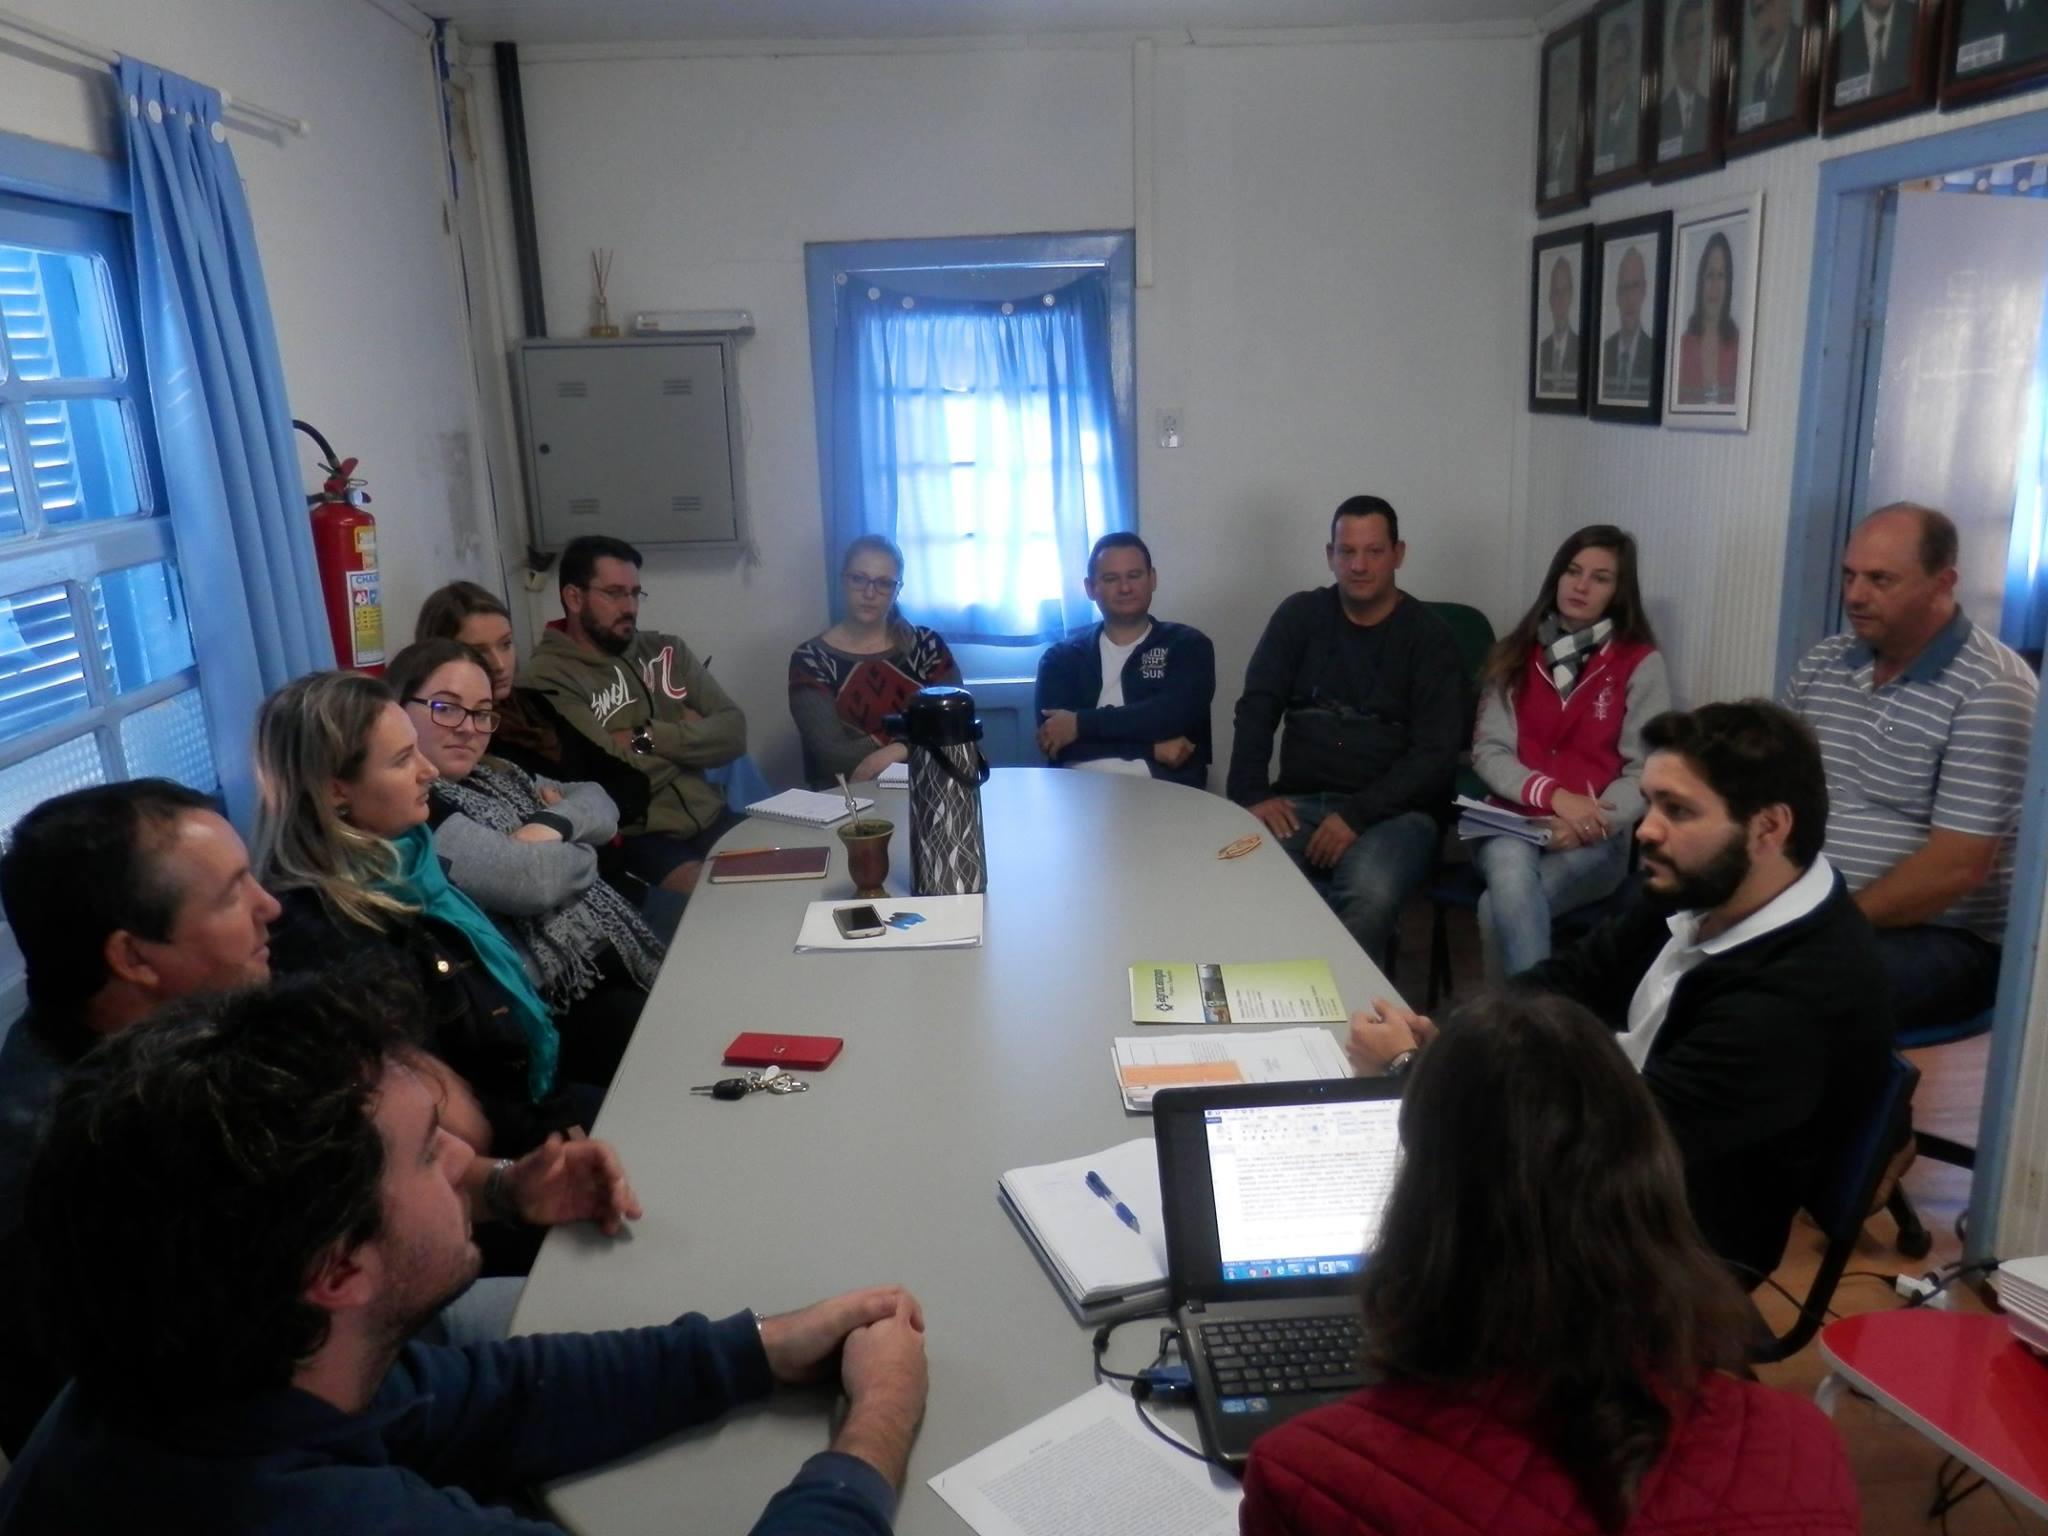 Conselho de desenvolvimento local debate melhorias em Anchieta